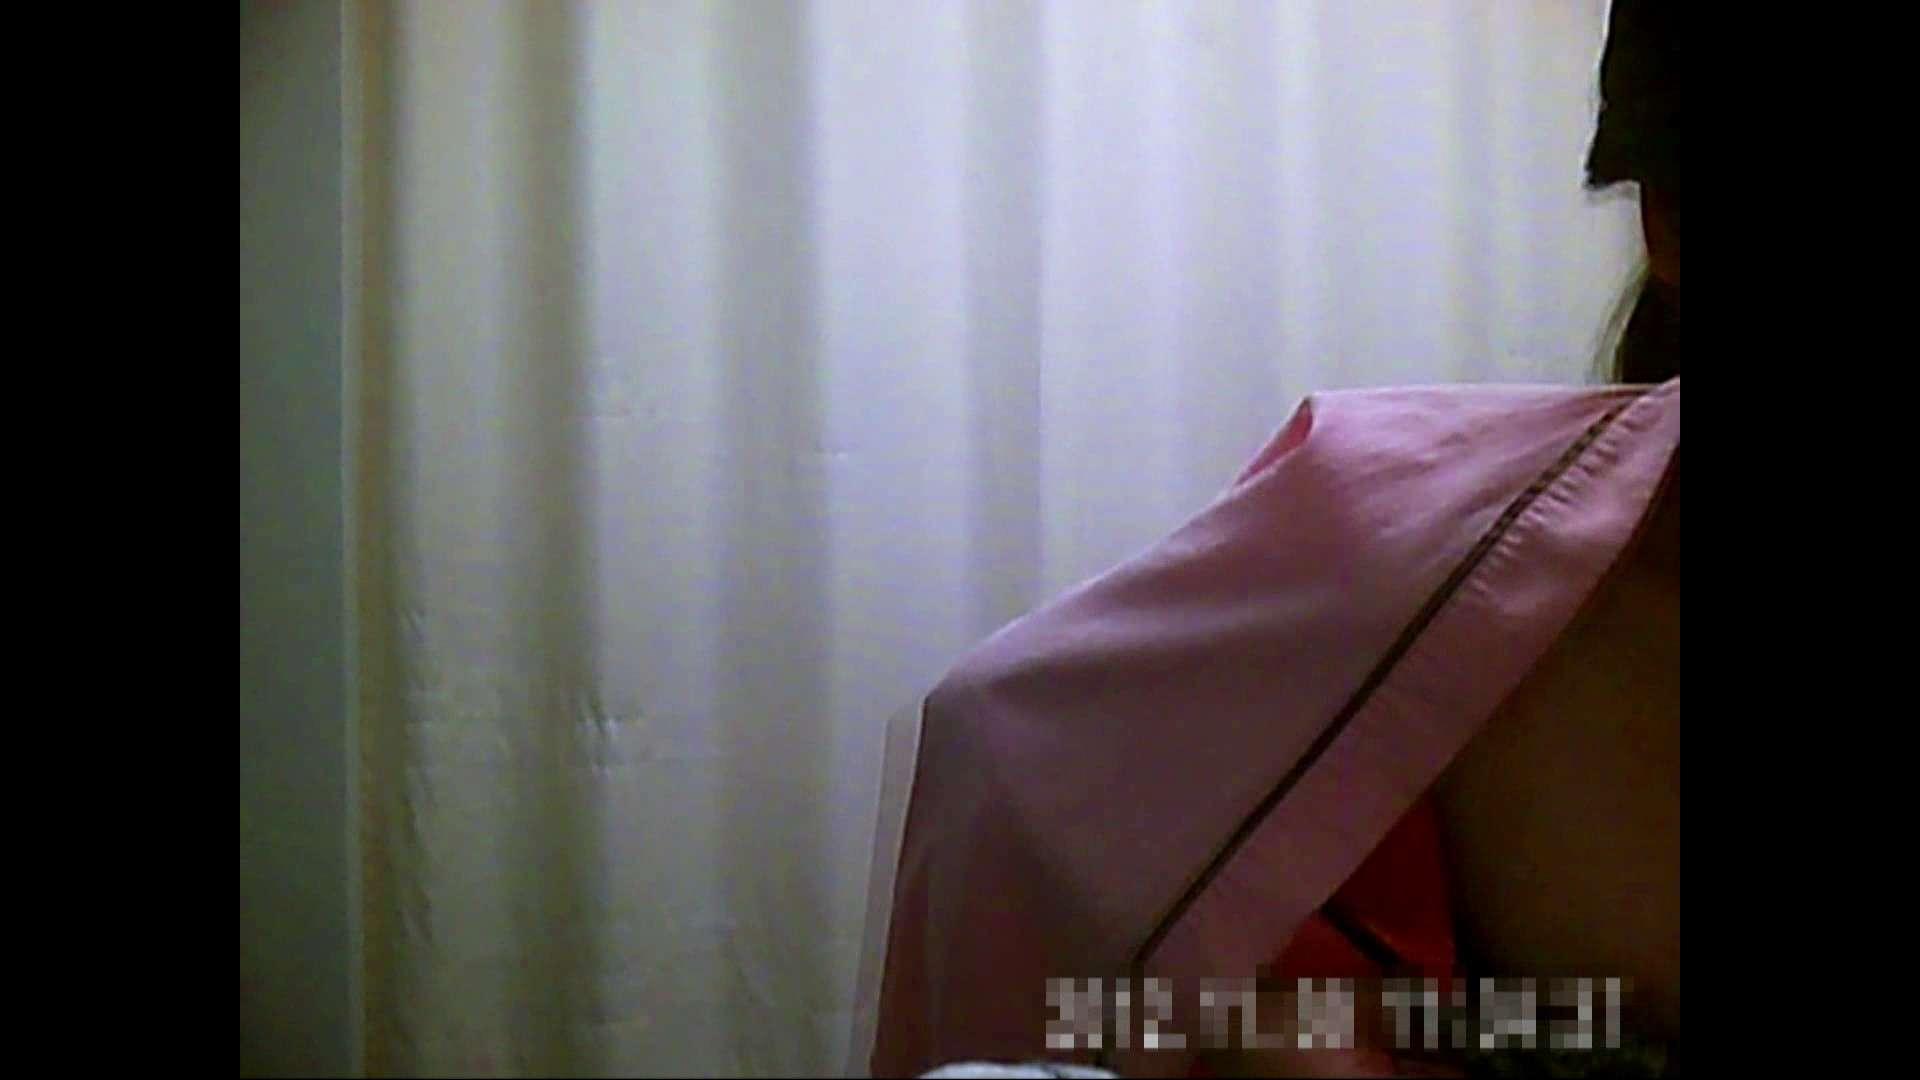 病院おもいっきり着替え! vol.165 乳首 盗み撮りオマンコ動画キャプチャ 81pic 46